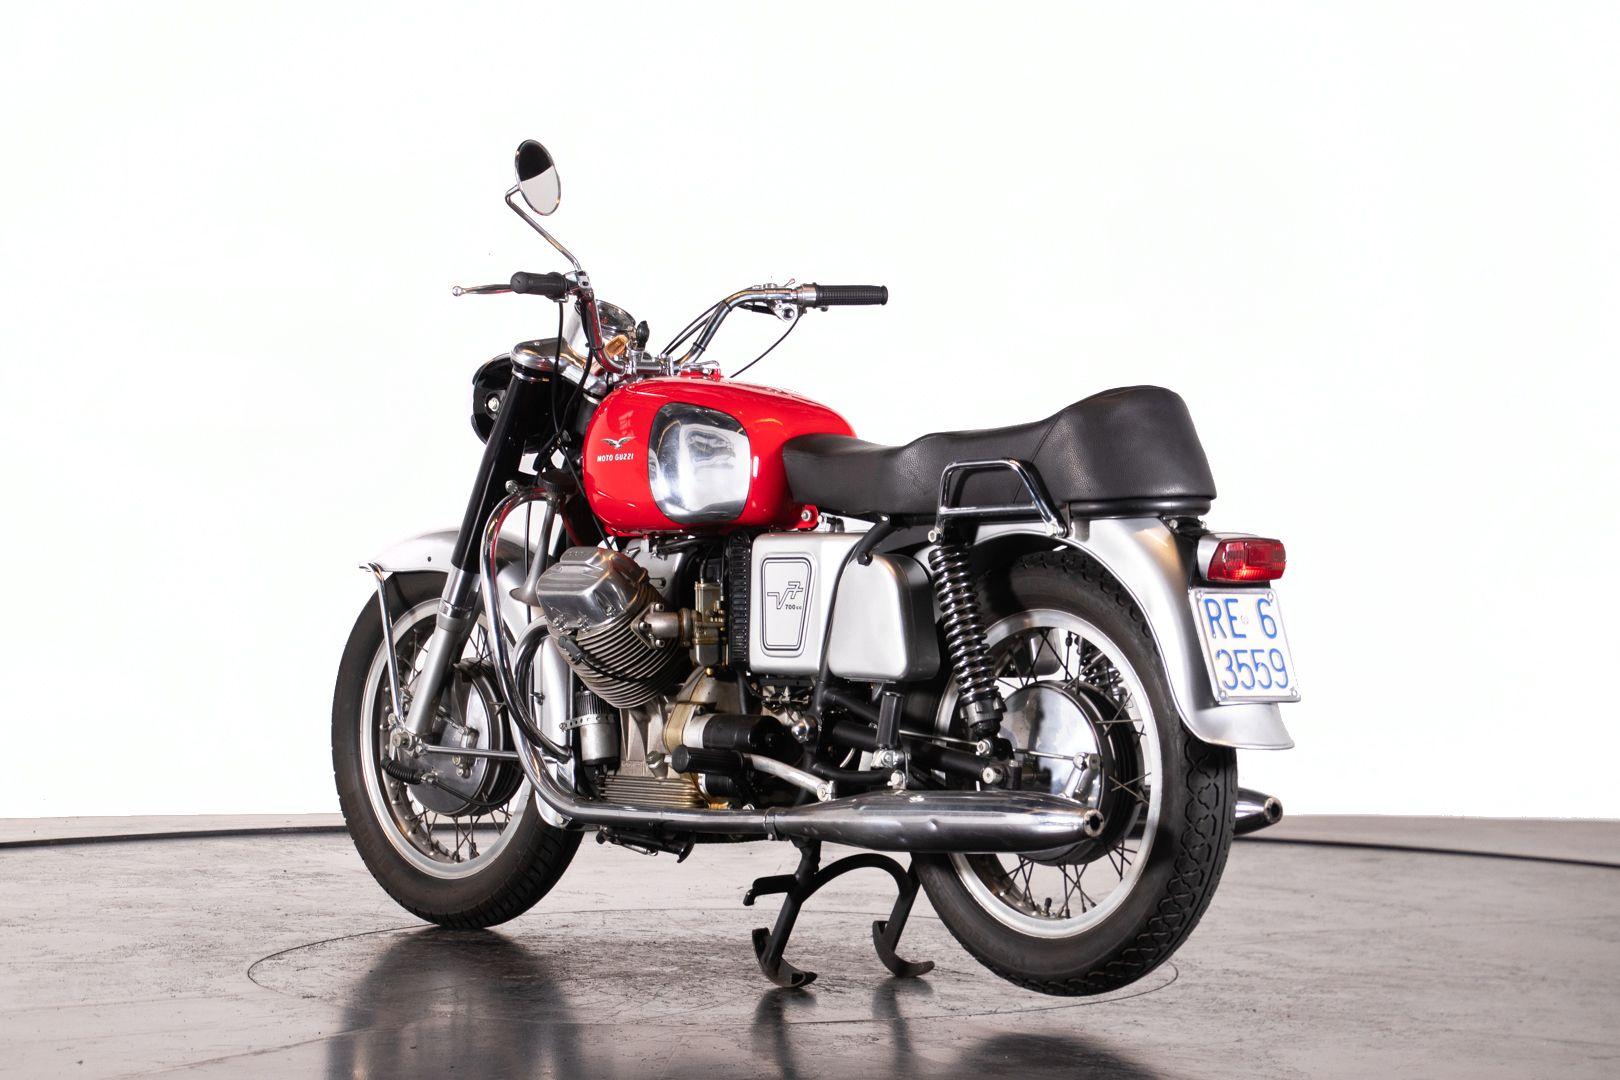 1969 MOTO GUZZI V7 VS 48636